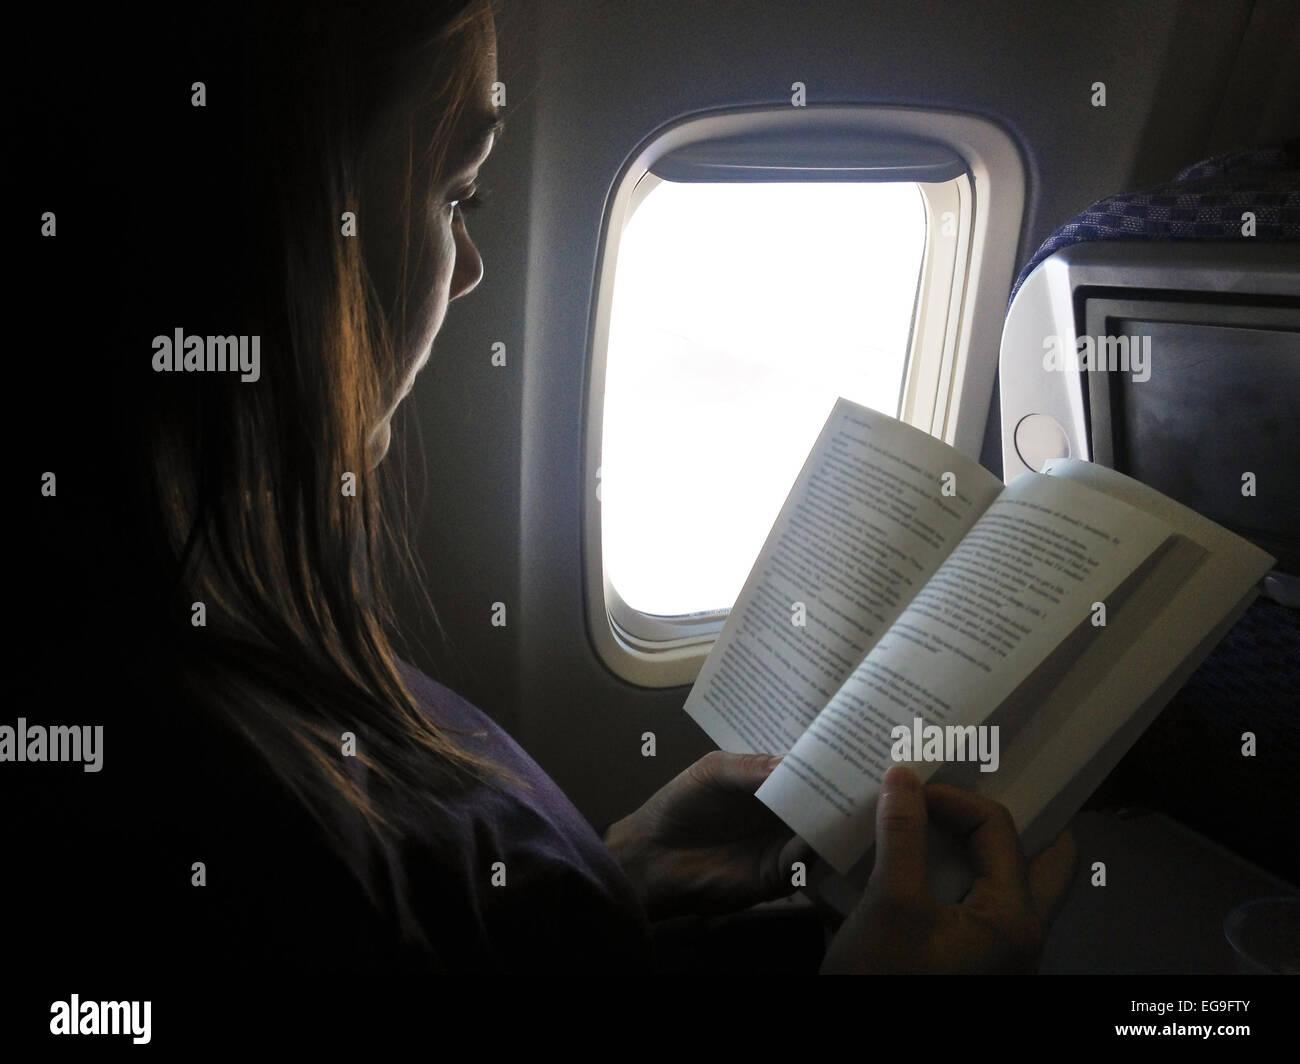 La donna la lettura sul volo Immagini Stock